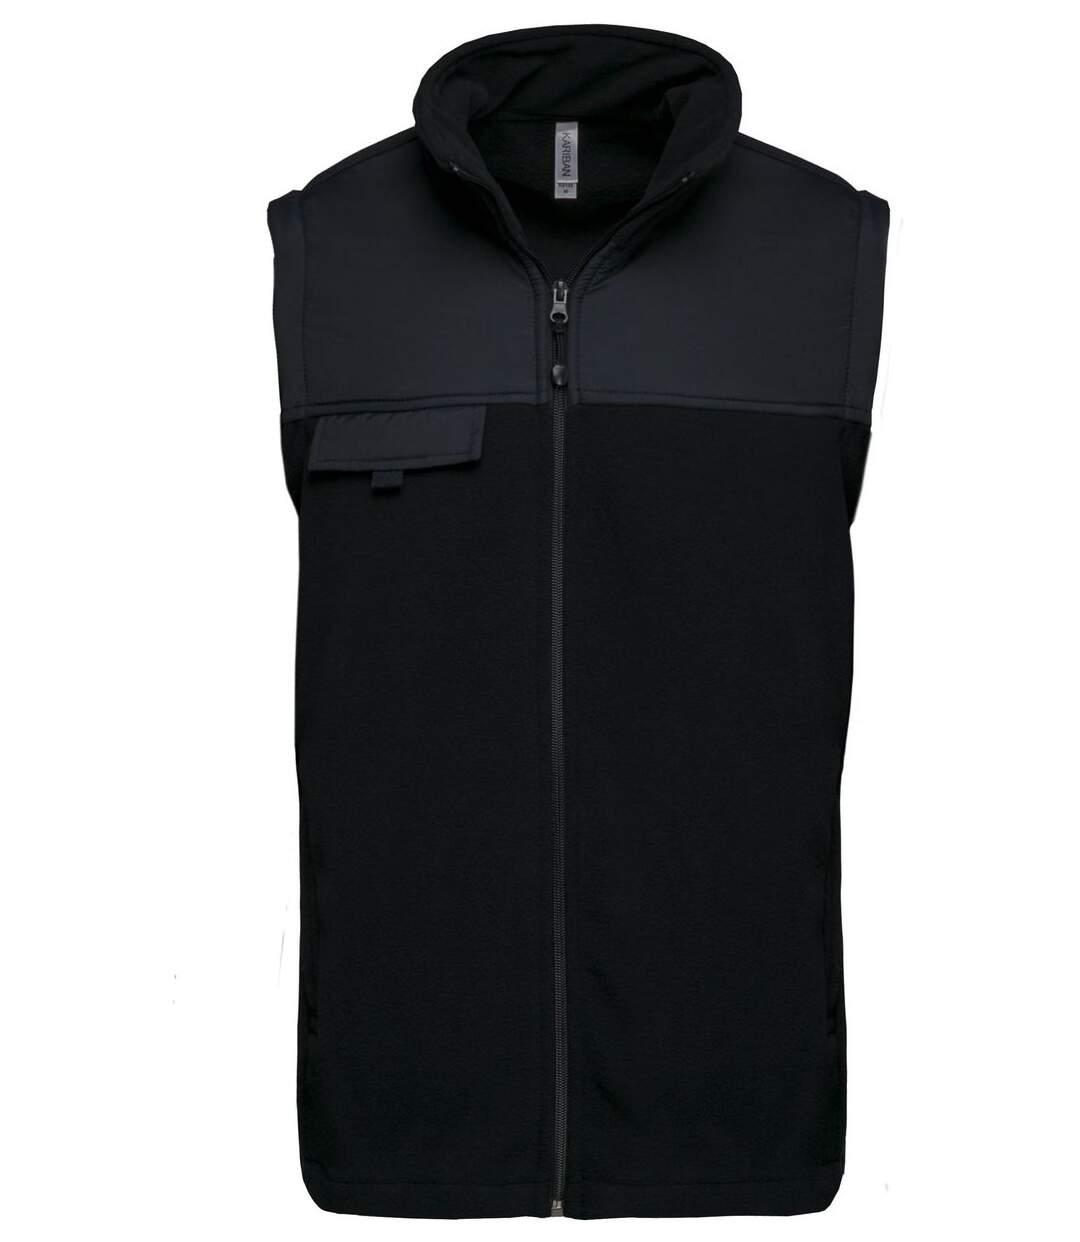 Veste polaire manches amovibles - K9105 - noir